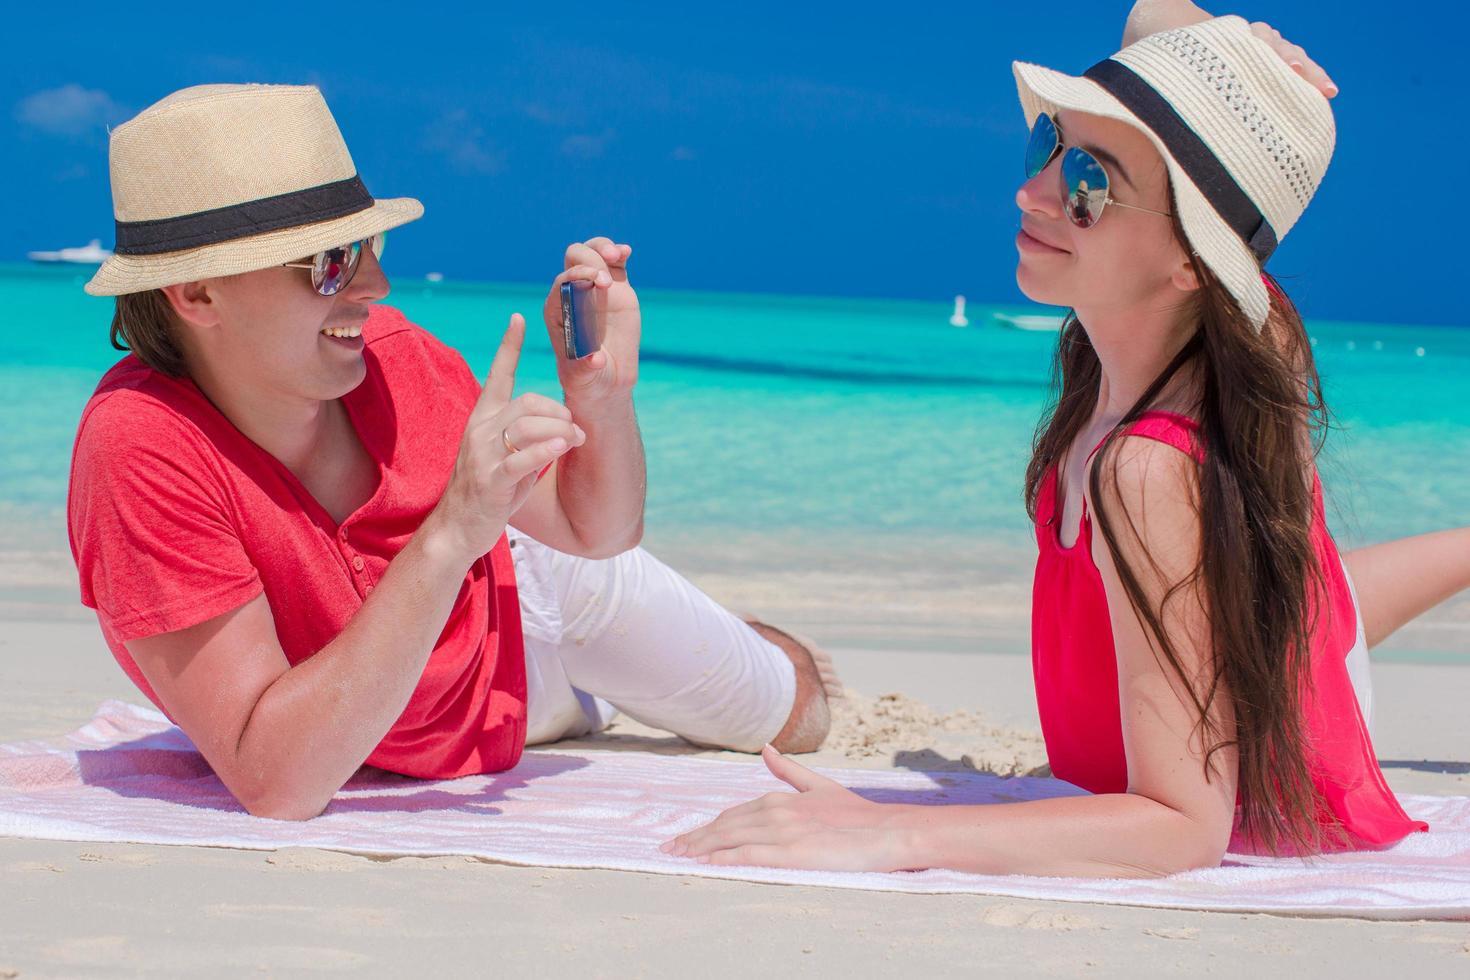 uomo che scatta una foto di una donna su una spiaggia